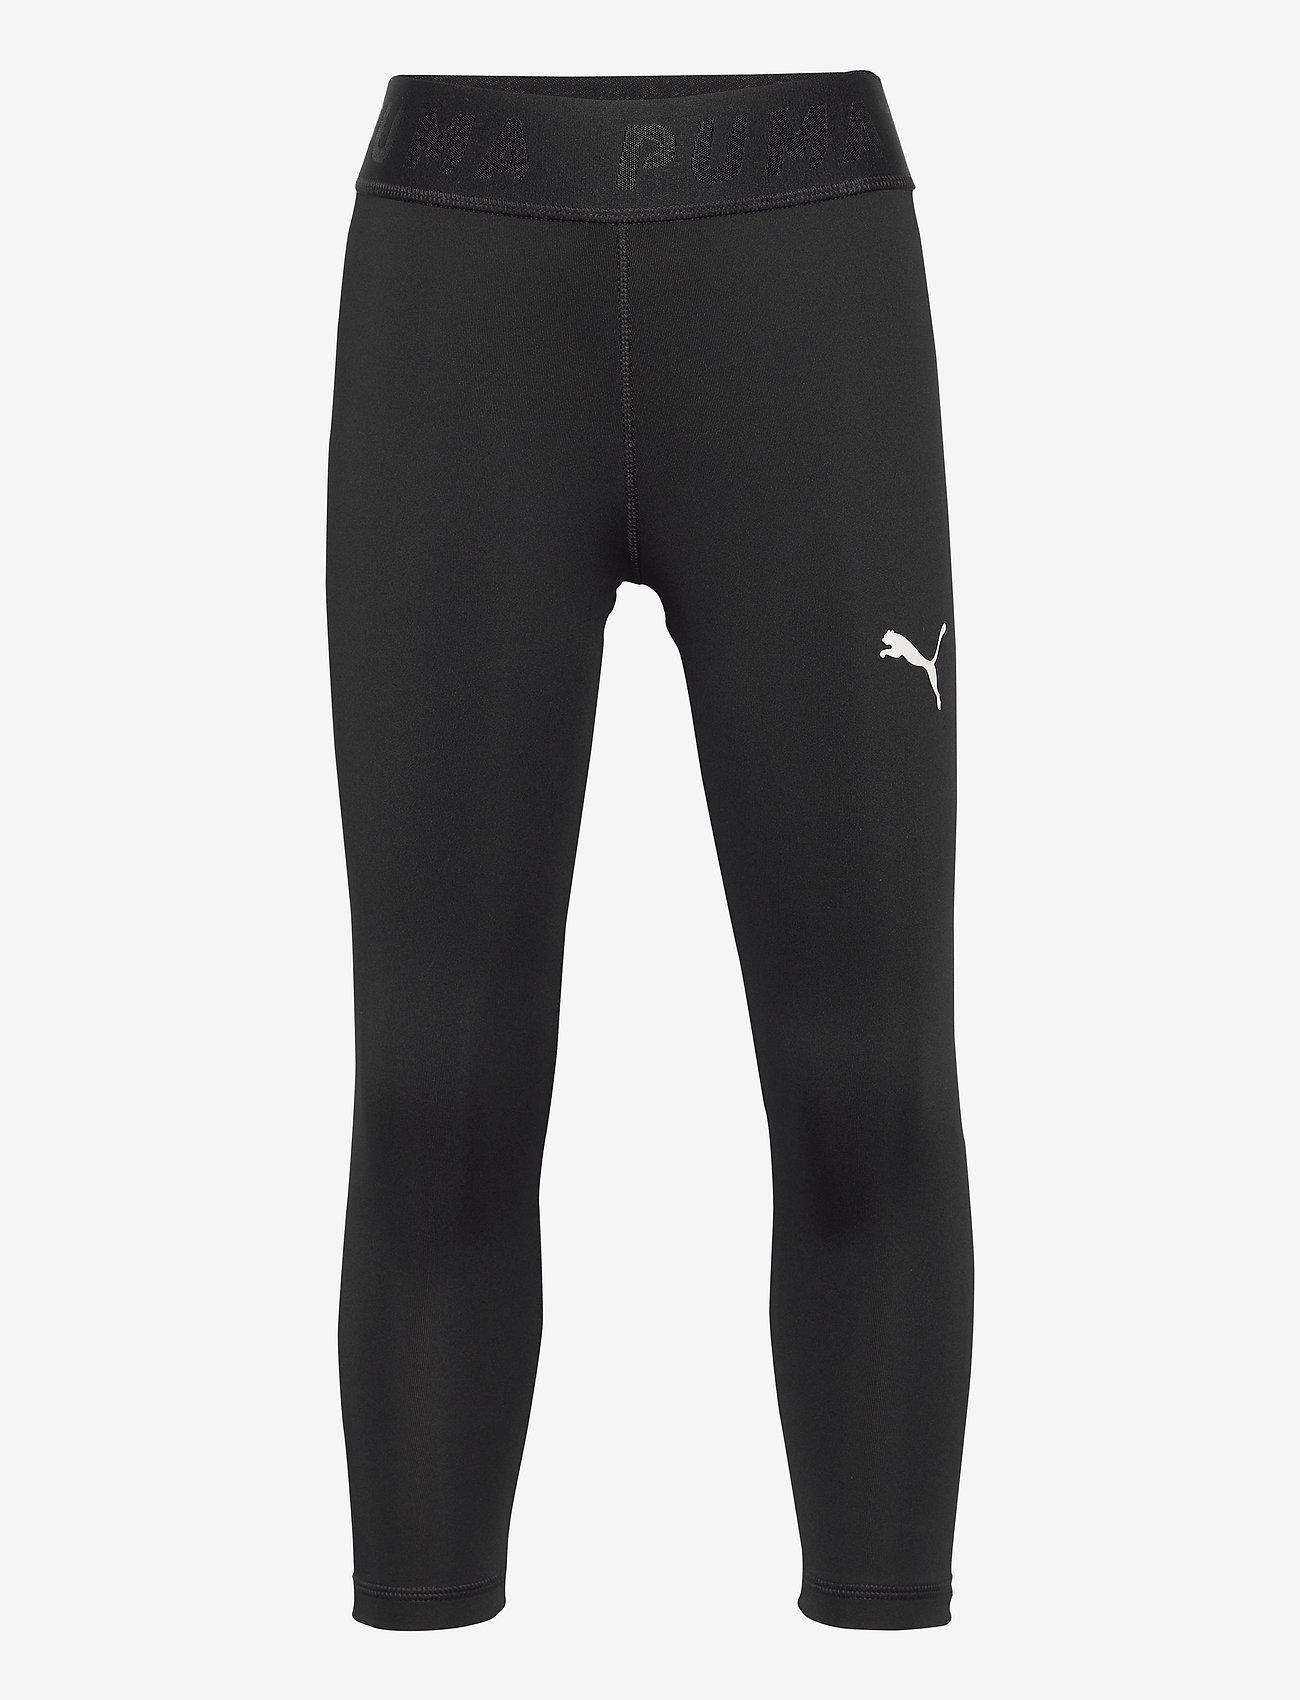 PUMA - Modern Sports 7/8 Tights G - löpnings- & träningstights - puma black - 0